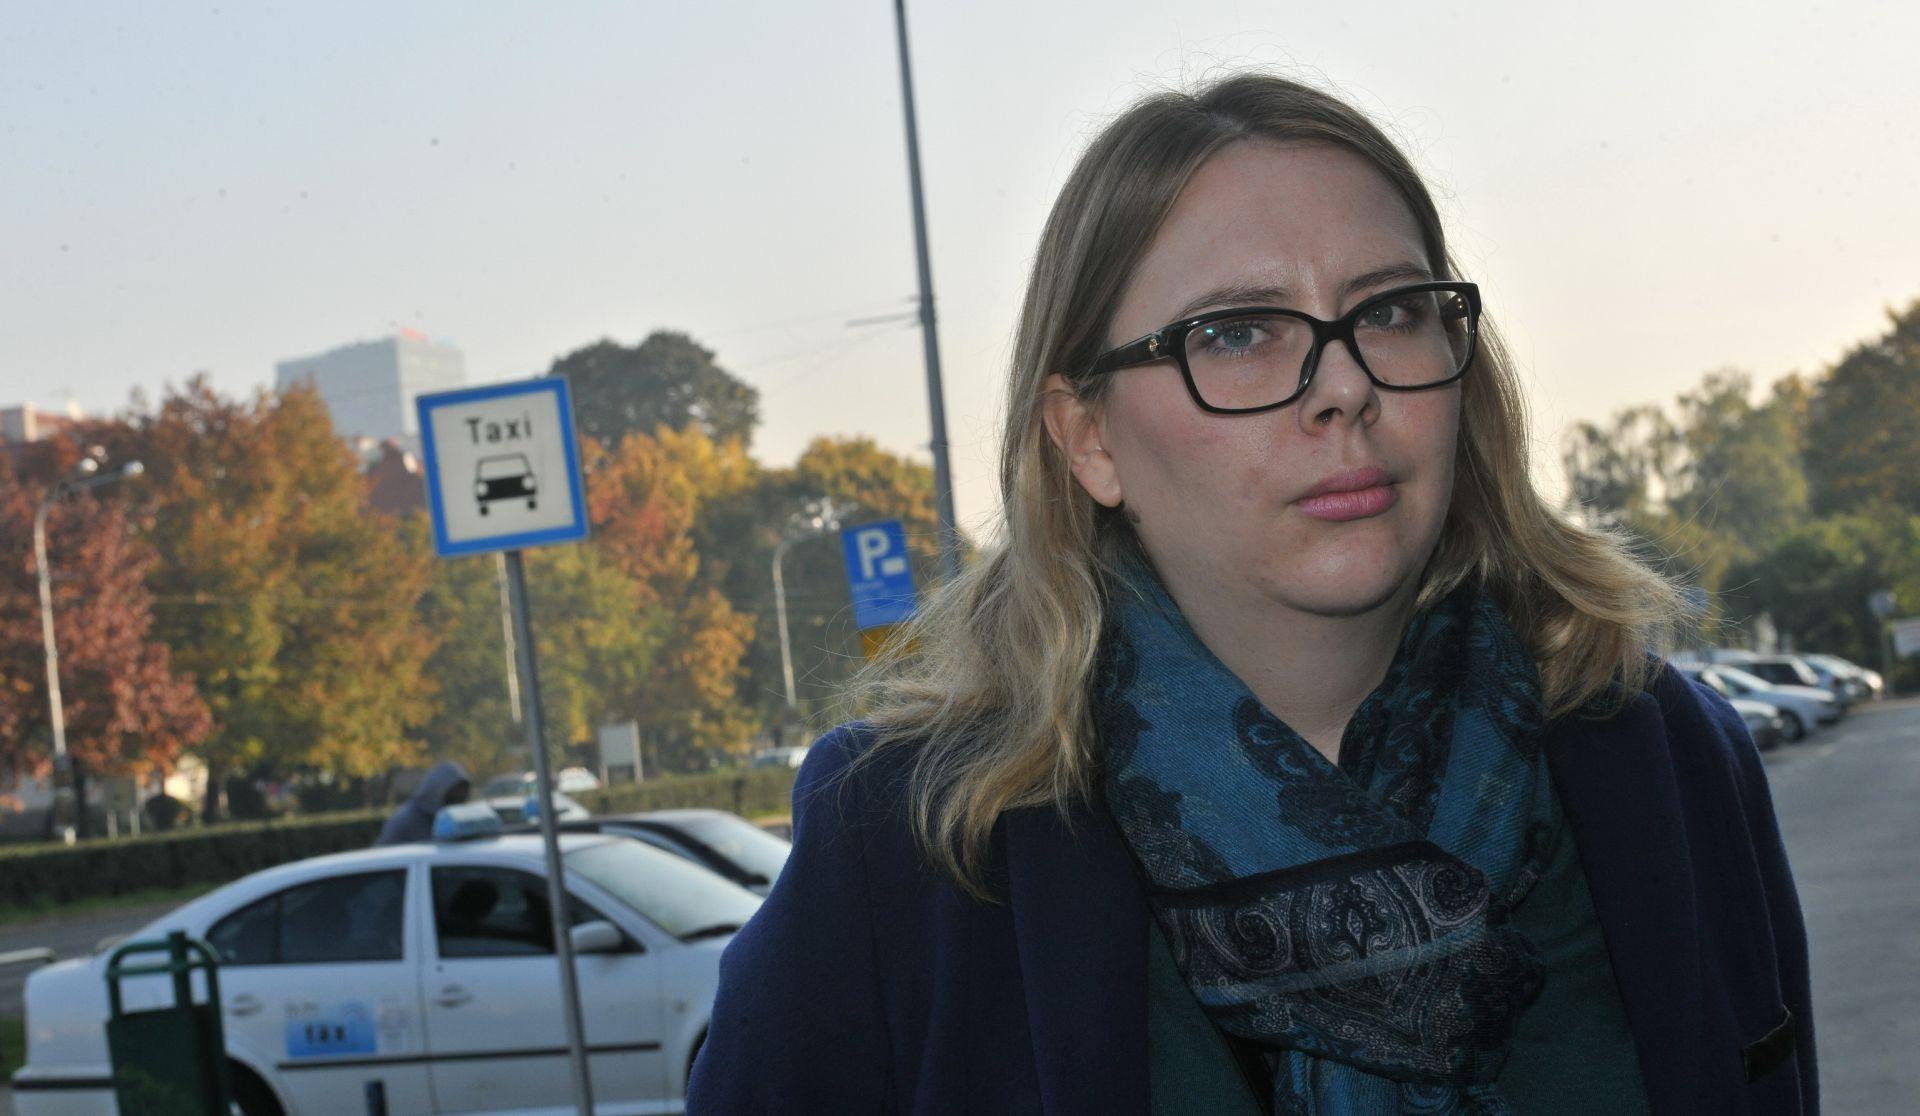 ODVJETNICA NACIONALA O PRIJETNJAMA KARAMARKOVOG ODVJETNIKA Ivana Saucha: 'Čini se da Miljević zaziva cenzuru i čudi me što napada nakladnika Nacionala izvan sudnice'